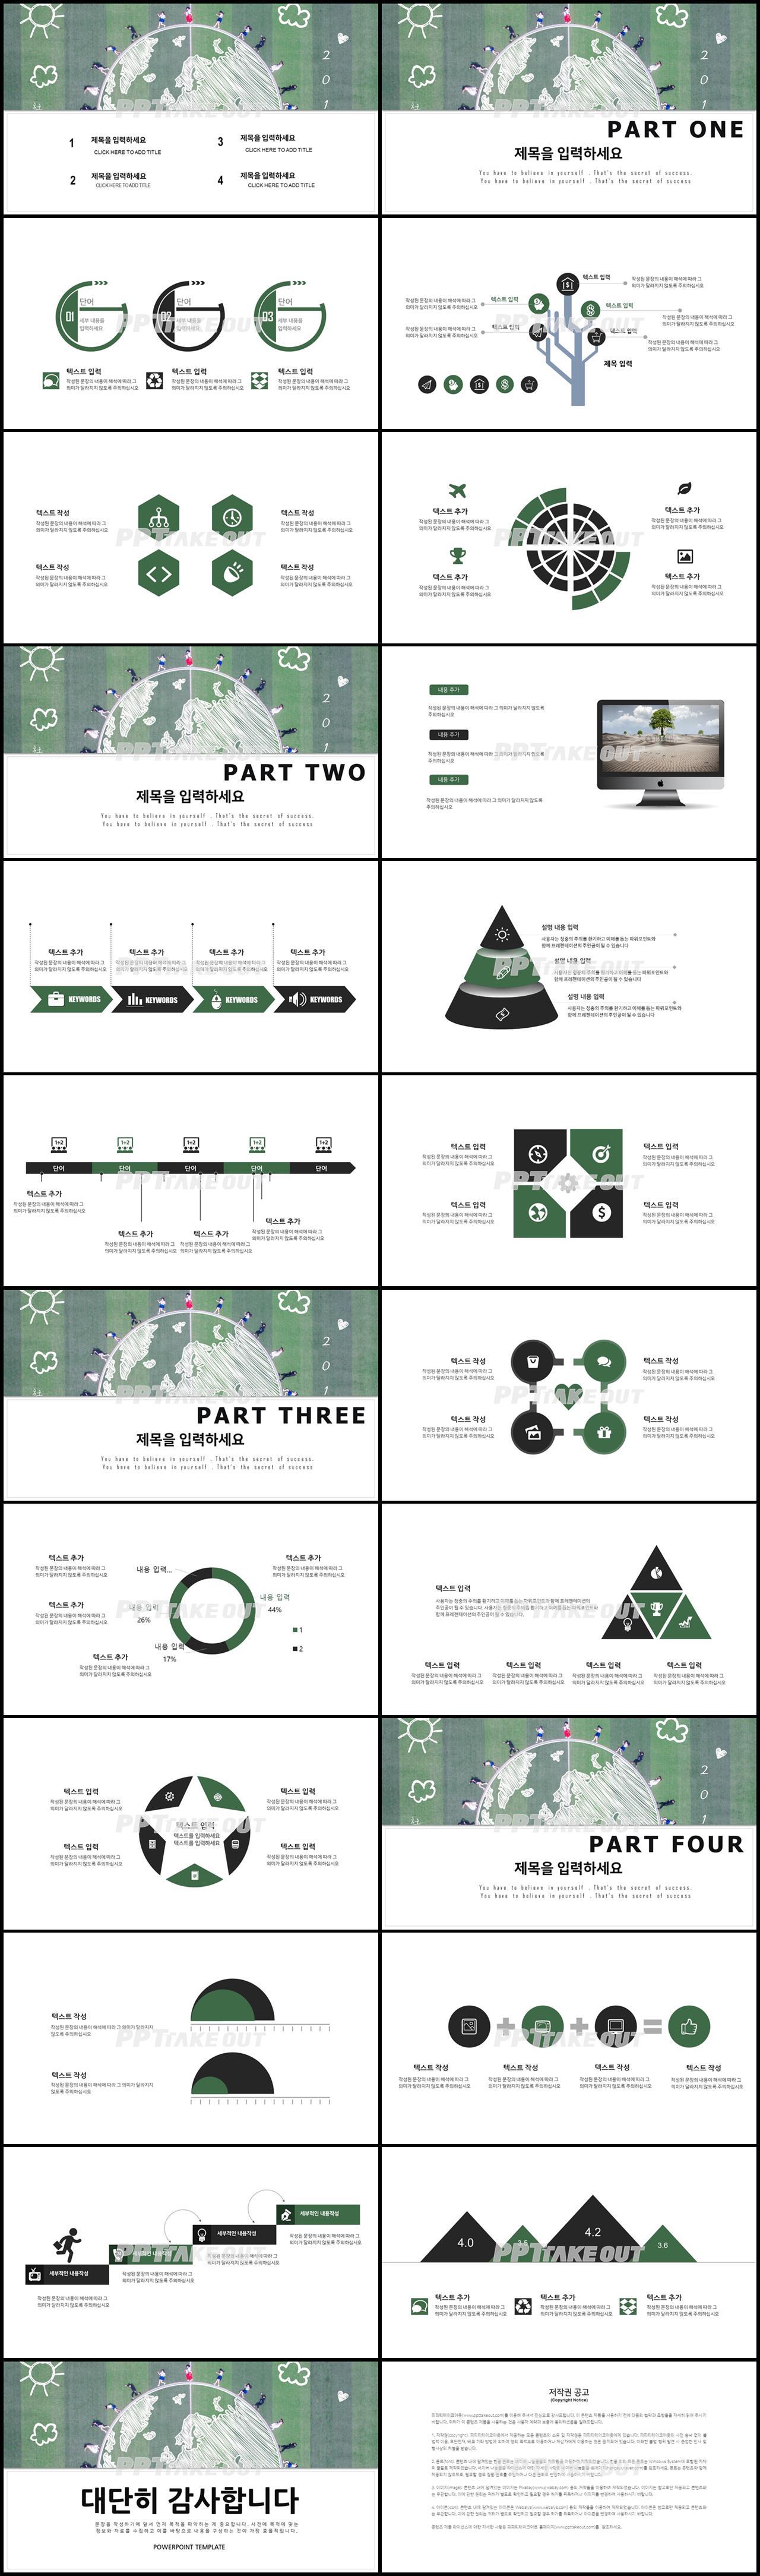 회사소개서 풀색 인포그래픽 매력적인 POWERPOINT양식 제작 상세보기